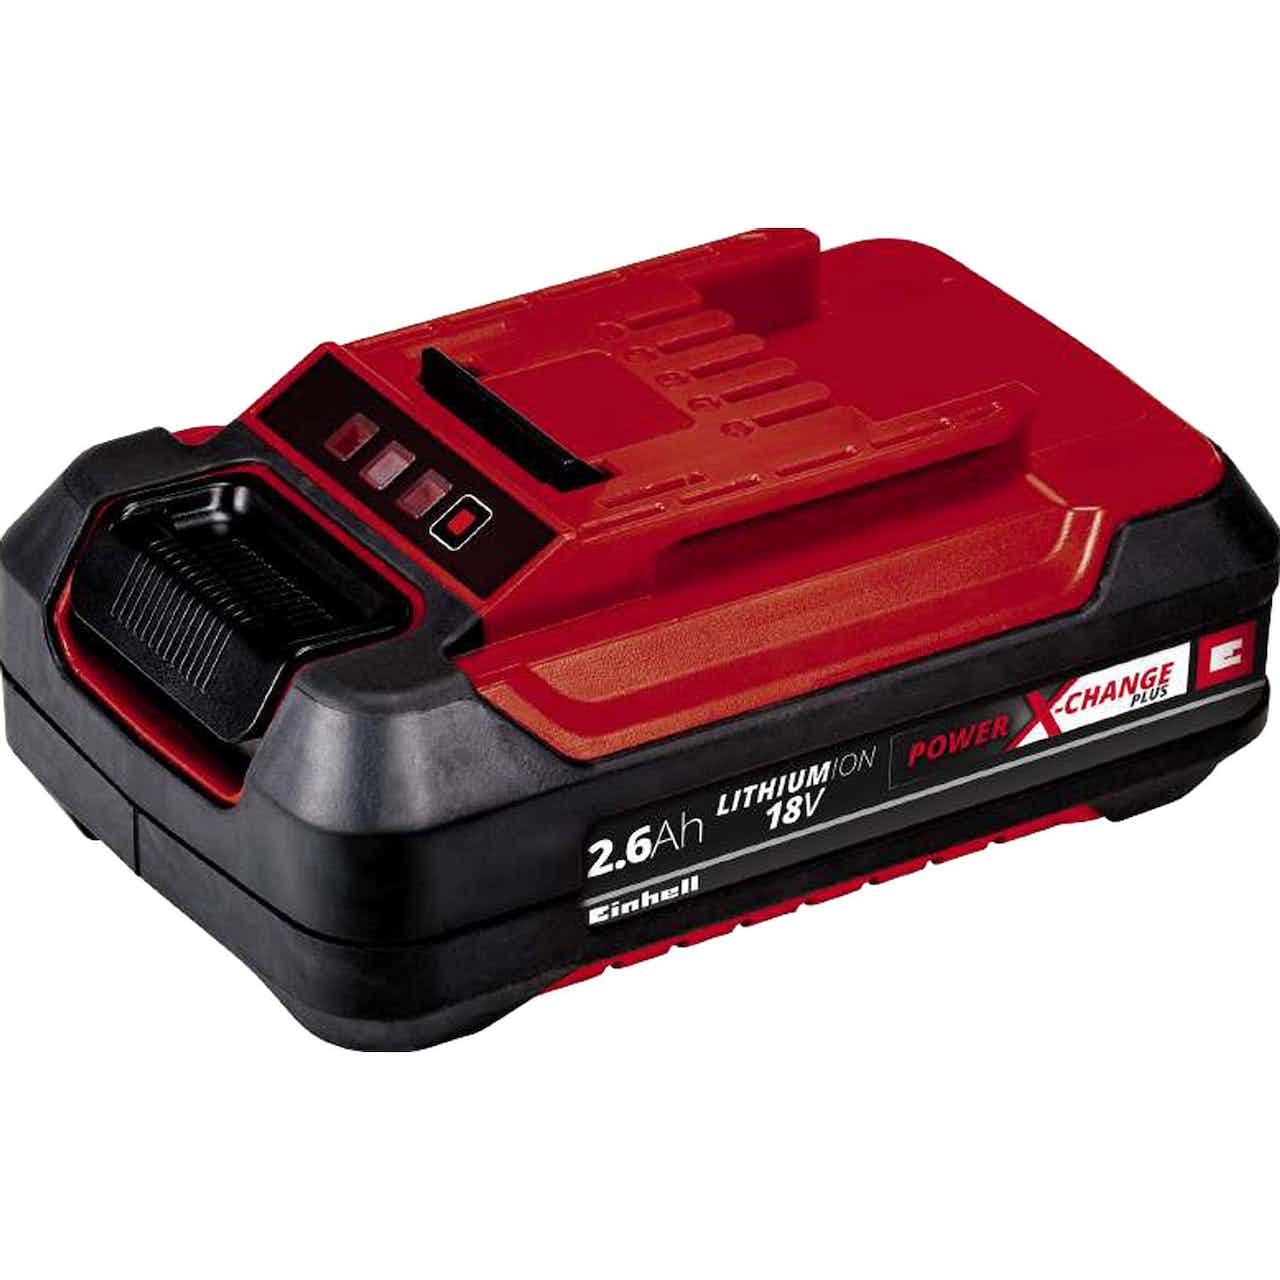 Einhell Power X-Change Akku 18 V 2,6 Ah Plus